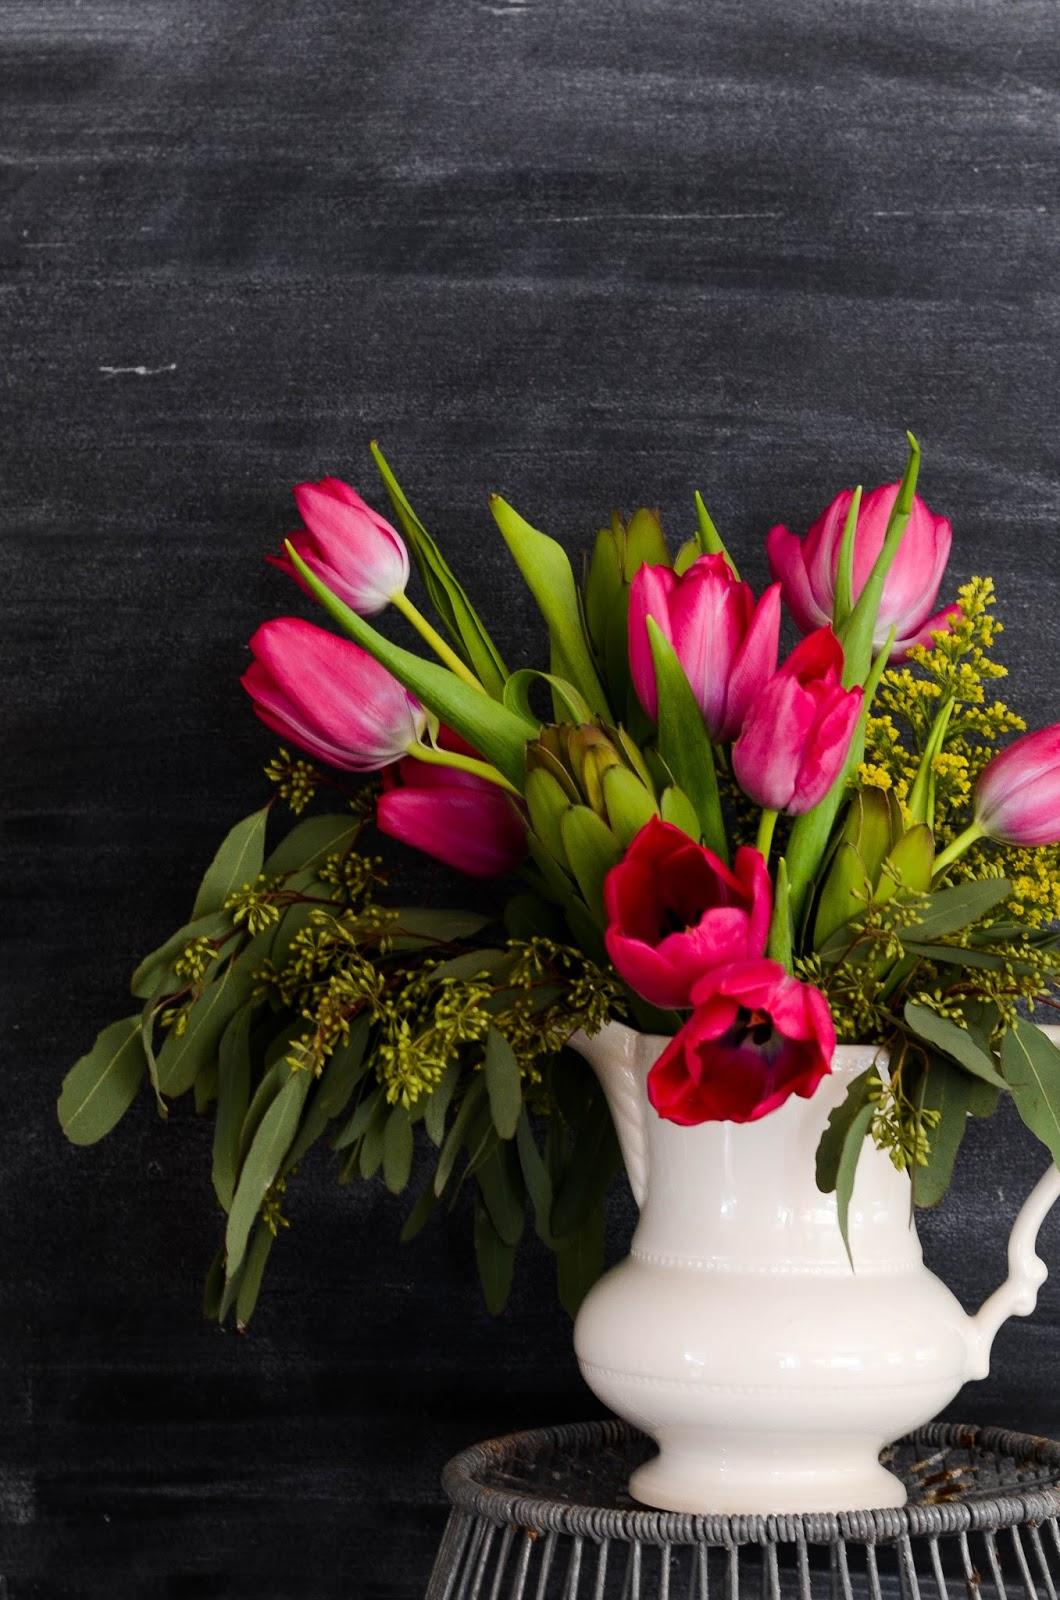 Tulip%2BFloral%2BArrangement%2C%2BGrocery%2BStore%2BFlower%2BArrangement%2B(4).jpg